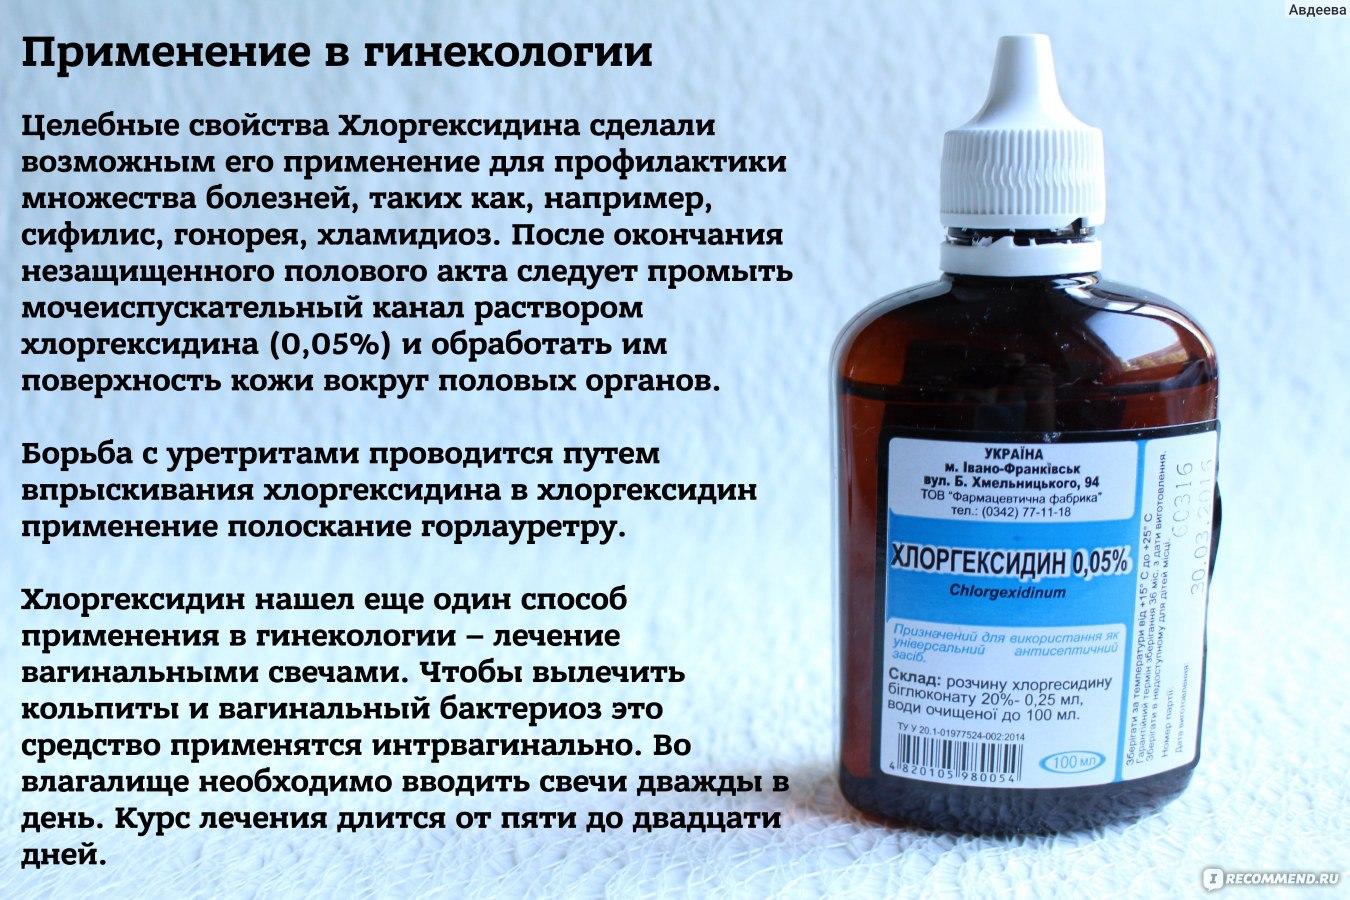 Хлоргексидин при беременности — инструкция по применению